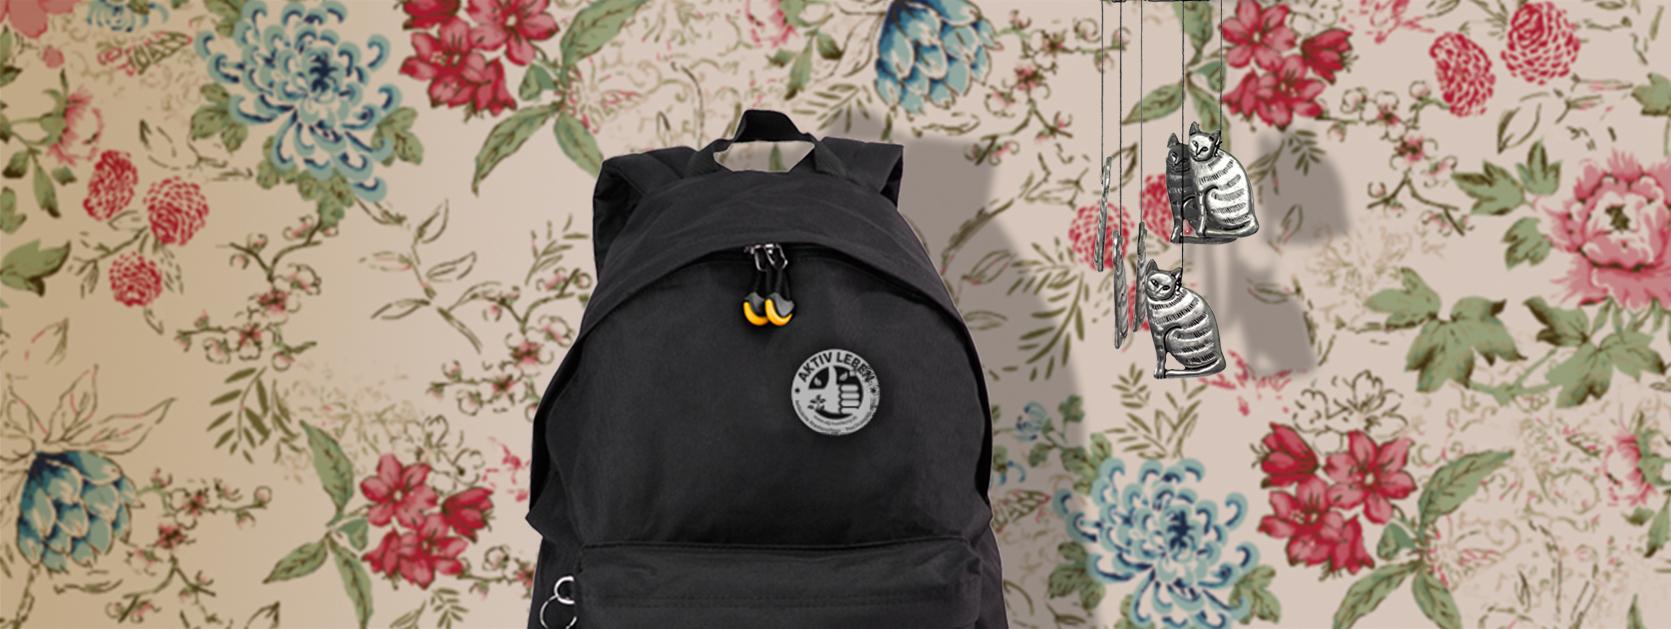 ambulanter-pflegedienst-rucksack-vor-mustertapete-in-einer-wohnung